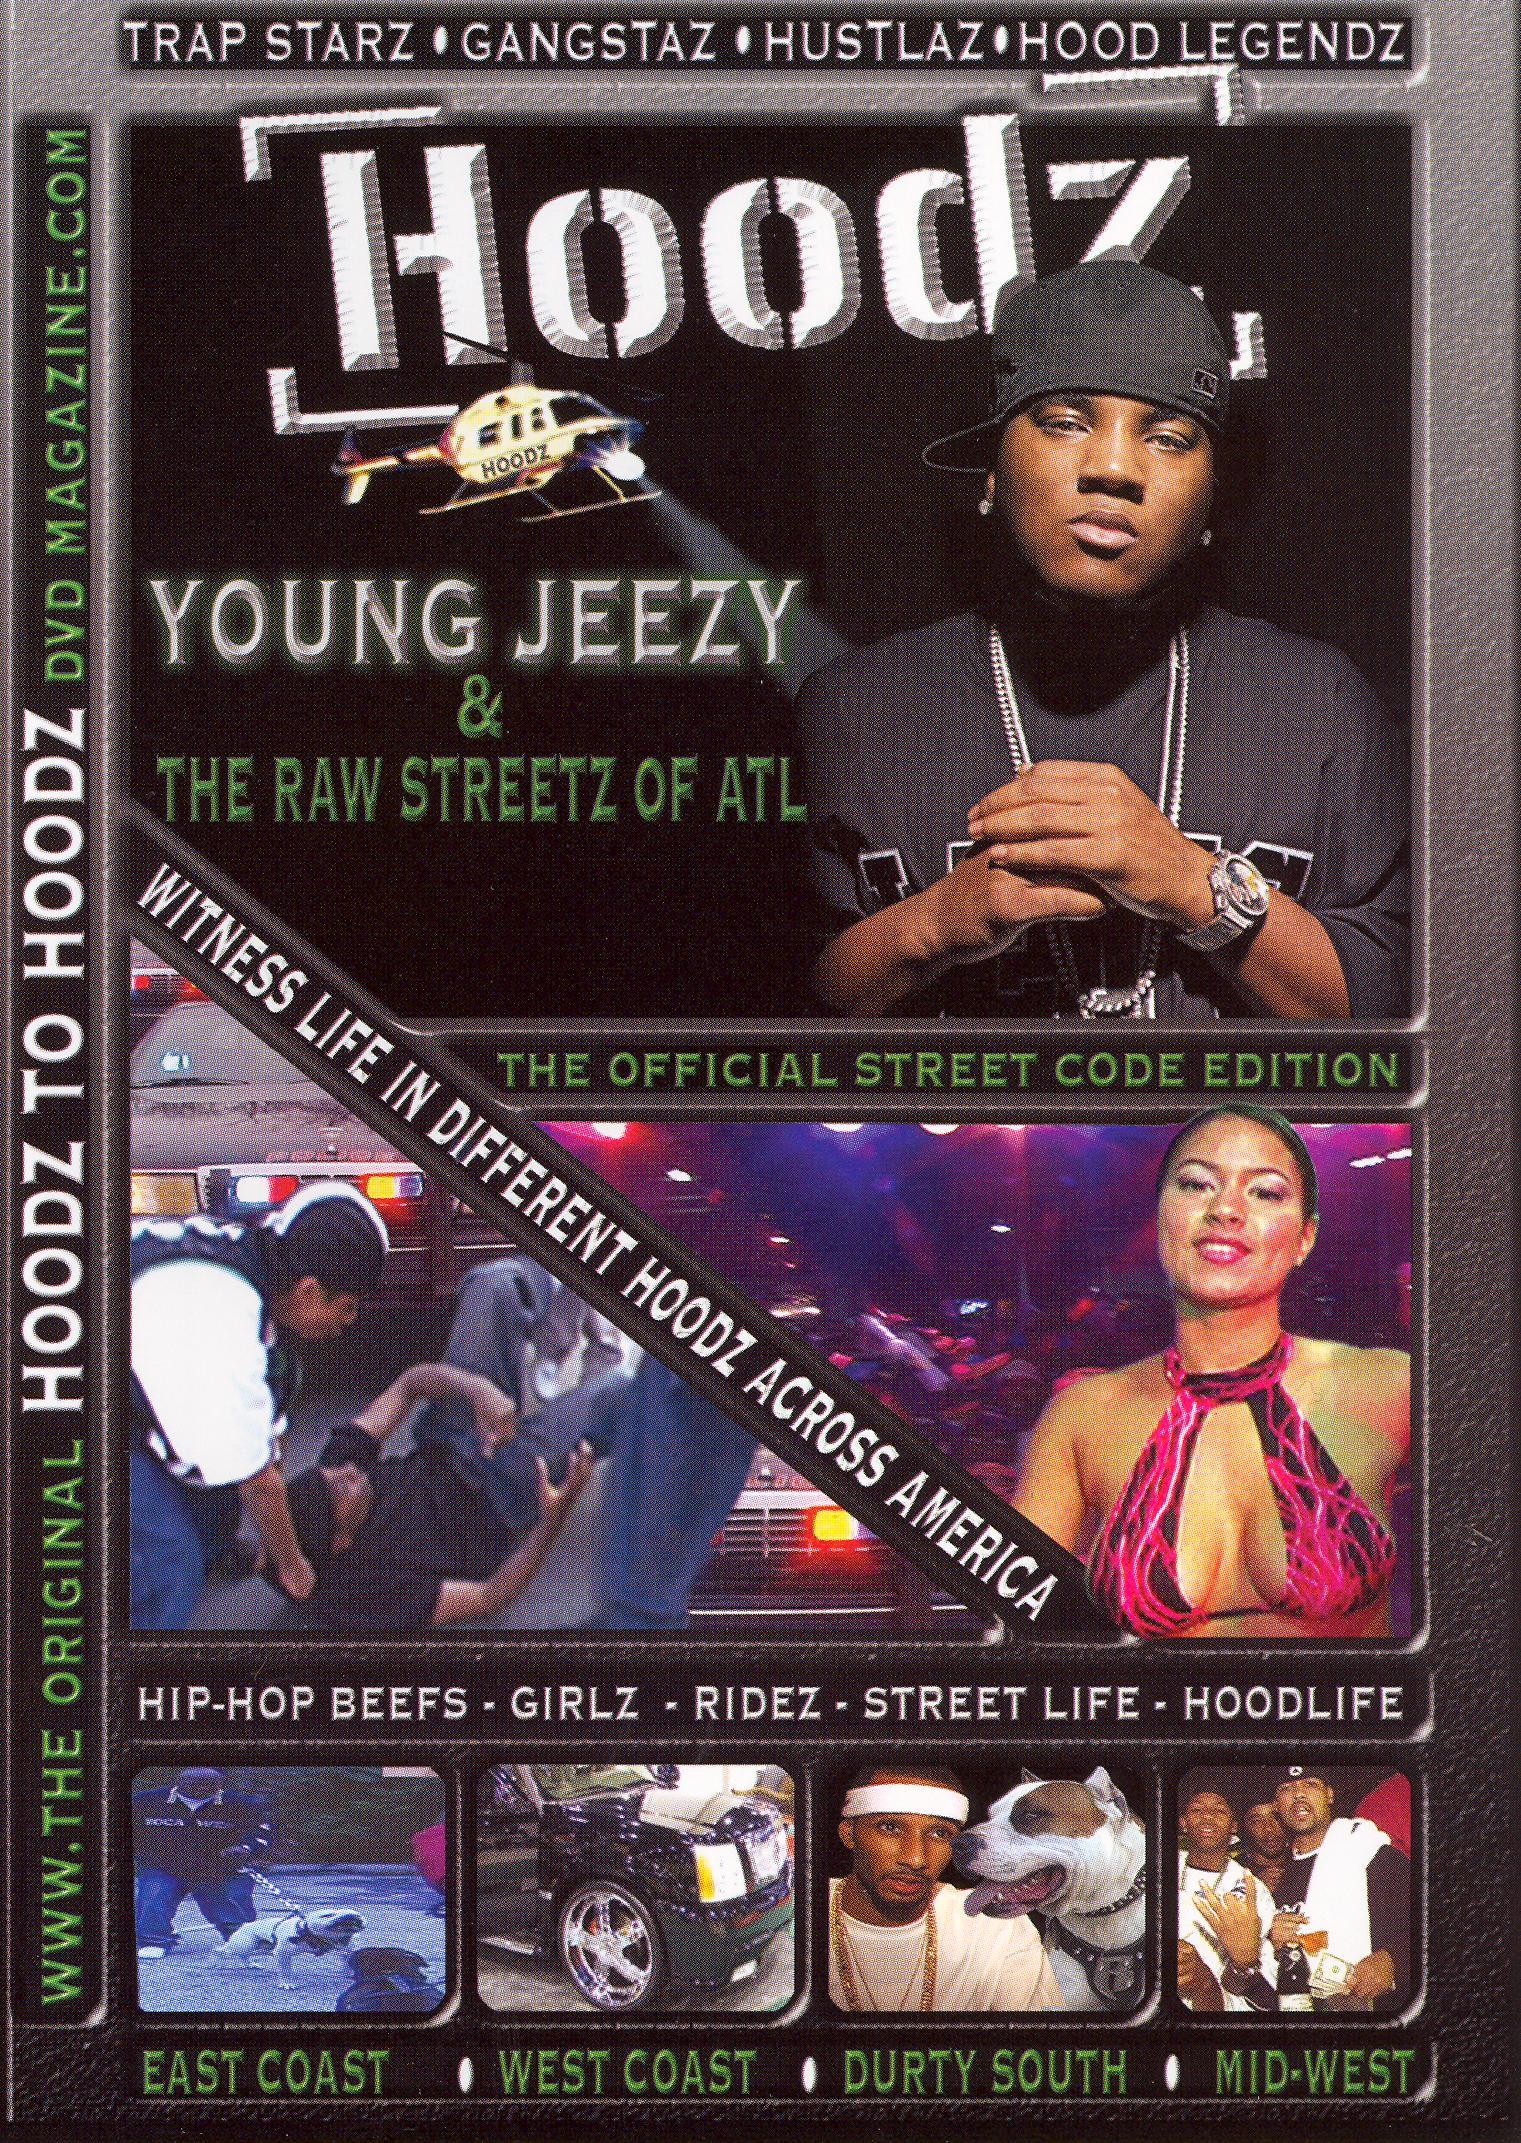 Hoodz: Street Code